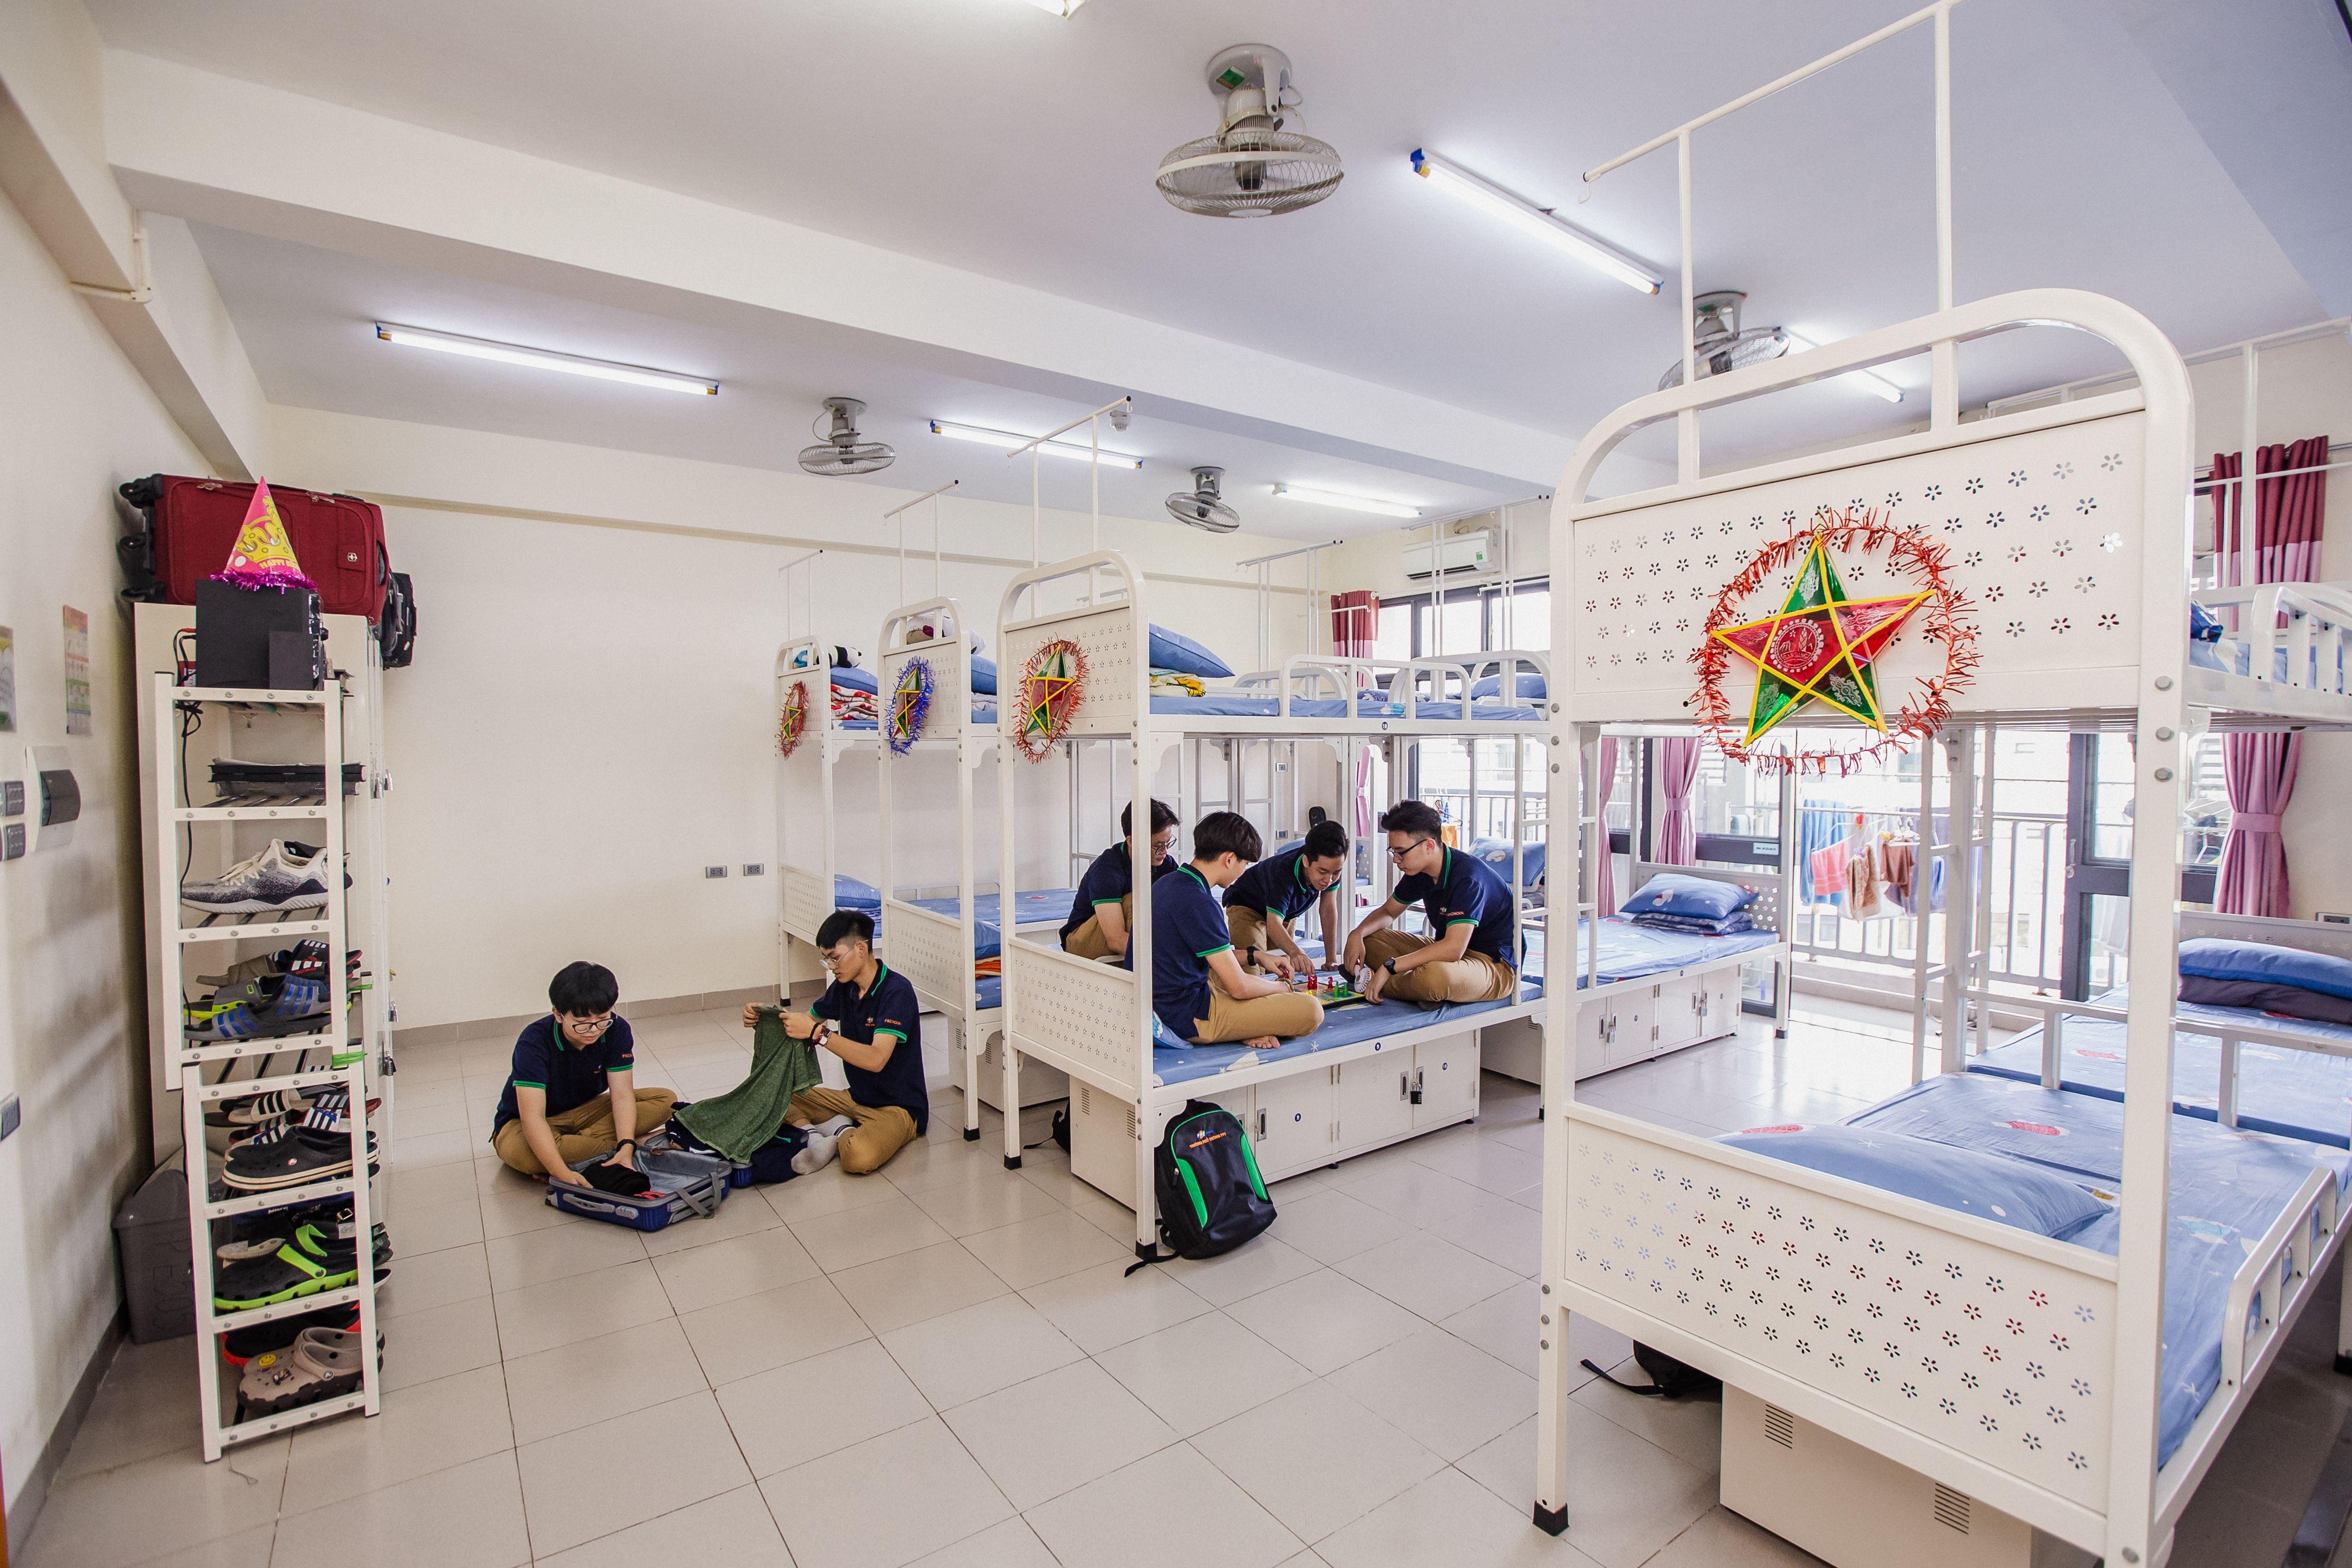 Những ngôi trường nội trú giữa lòng Hà Nội khiến nhiều phụ huynh phấn khích muốn đưa con vào học ngay lập tức - Ảnh 12.